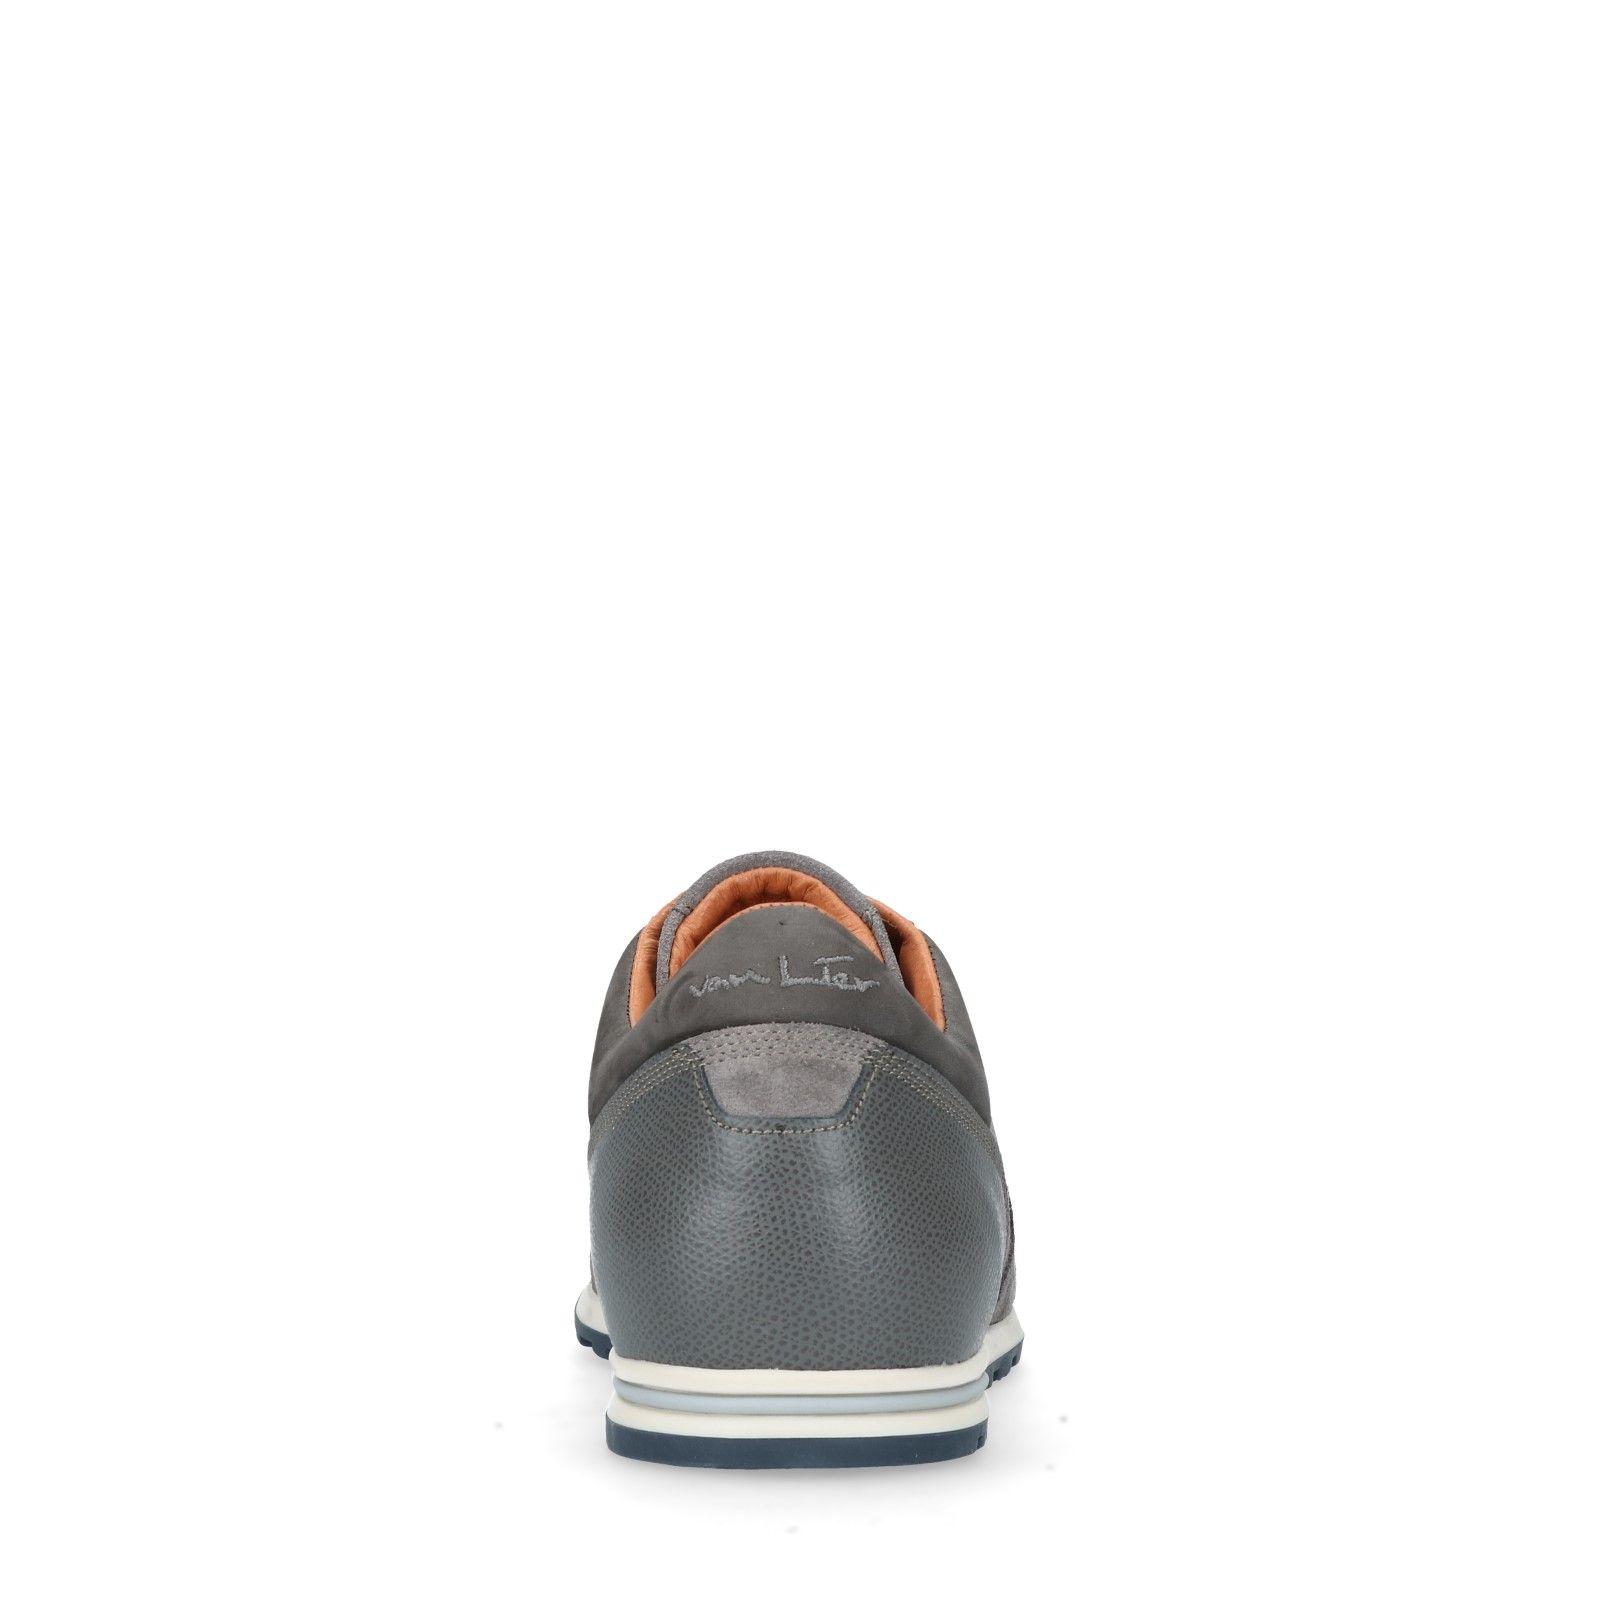 Manfield Heren Sneakers Grijze Sneakers Leren Grijze Heren Leren Manfield q8Hwg0